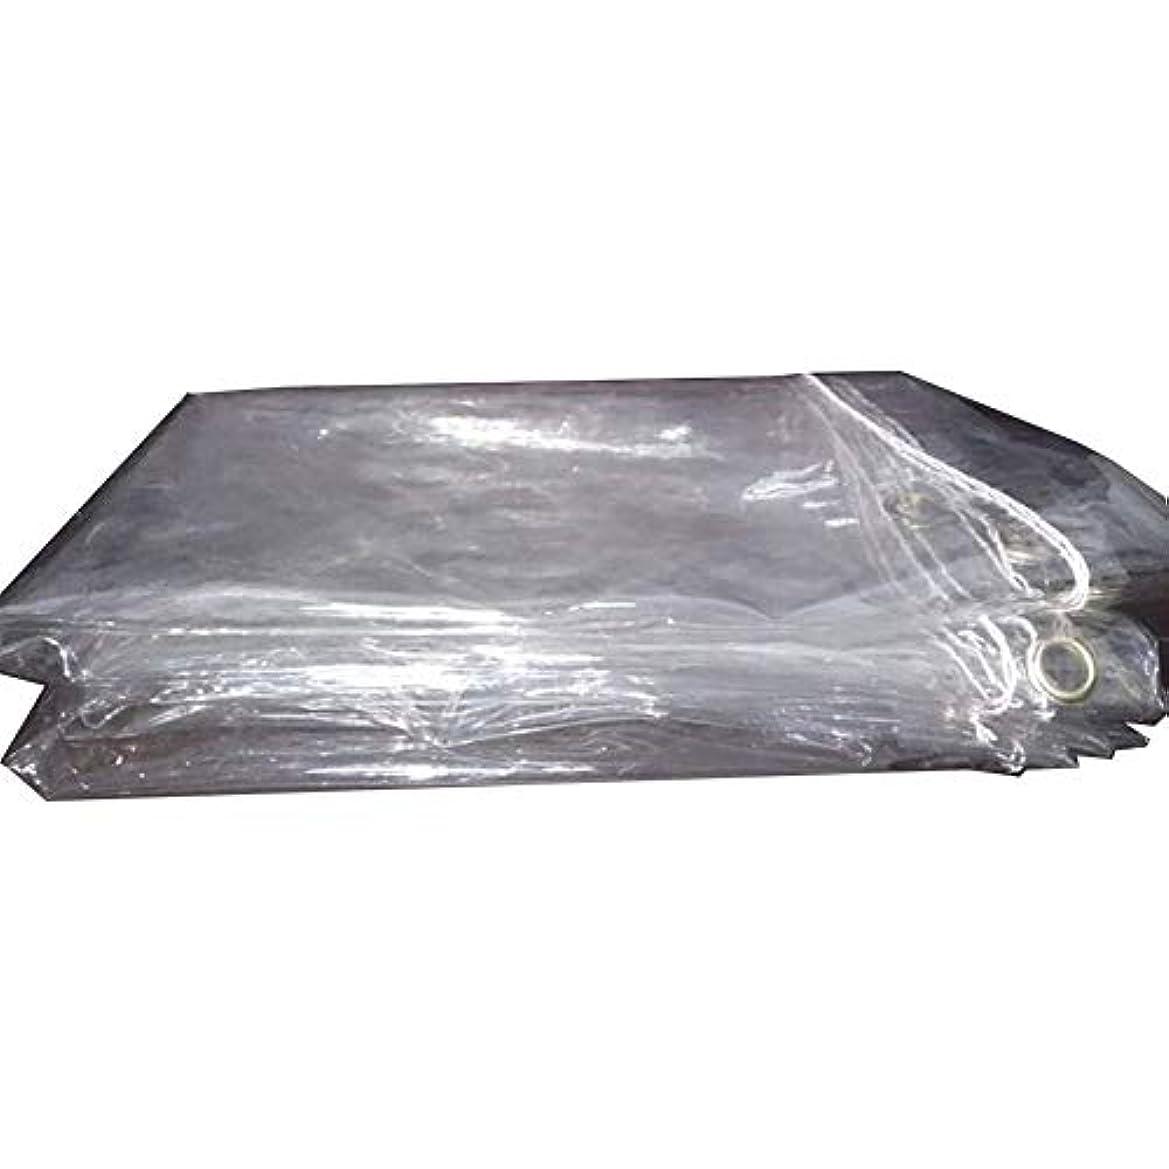 第不実最小化するLixingmingqi 屋外テント透明防水防水シート防水シートテントコネクタ防水布引き裂き防止テントジョイントオーニング日焼け止め日焼け止め